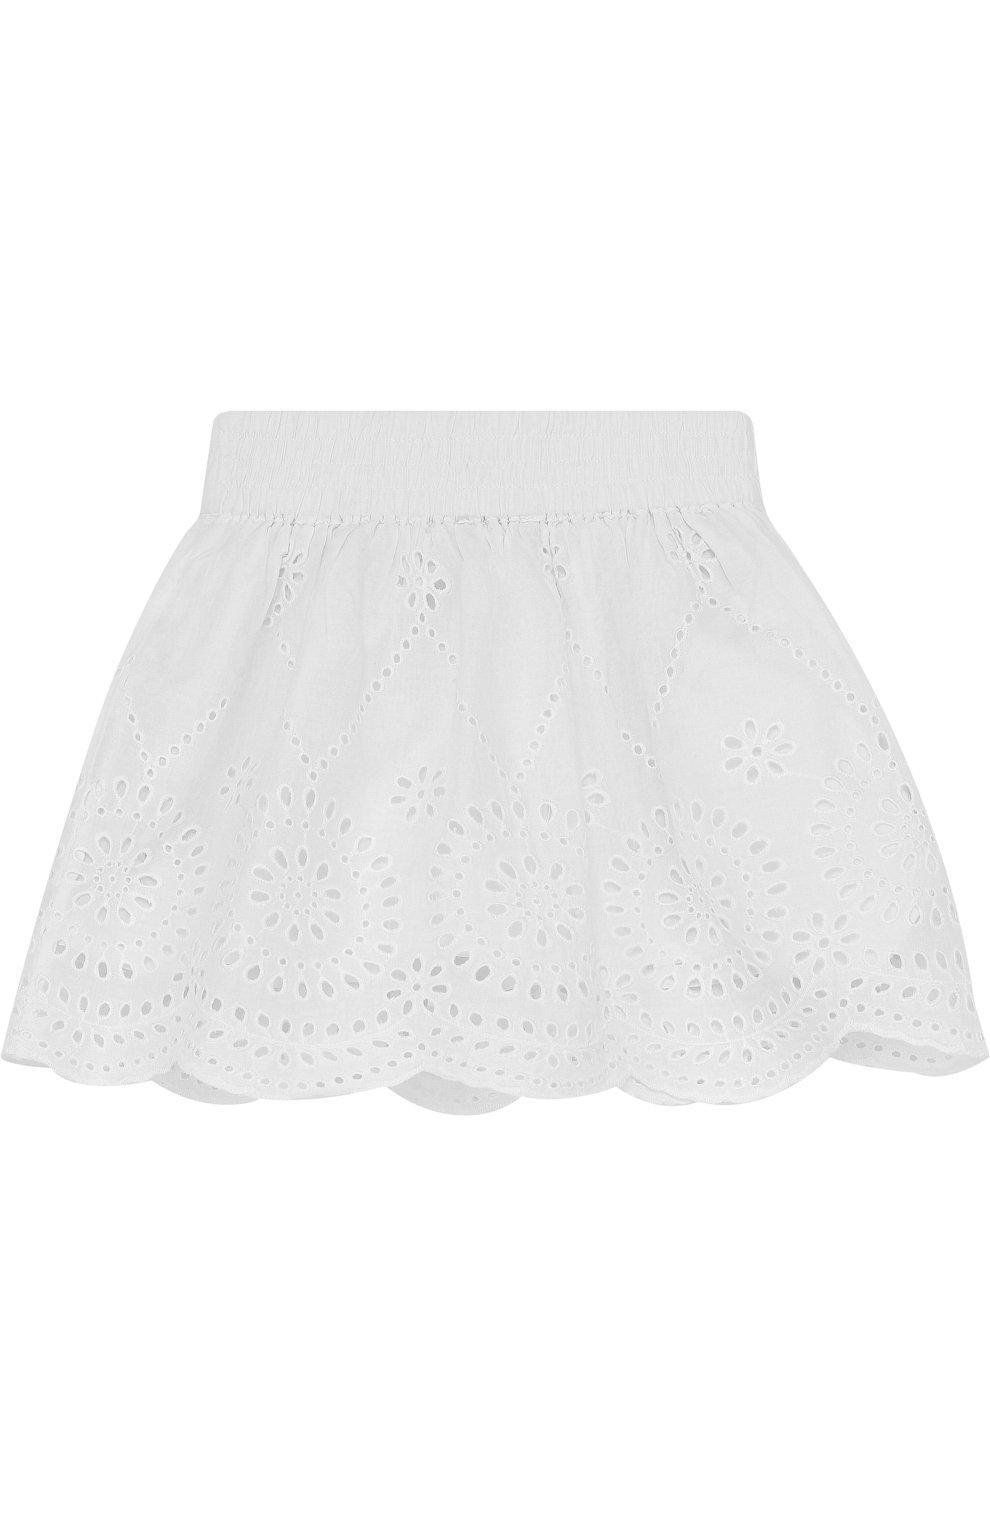 Хлопковая мини-юбка с эластичным поясом и перфорацией | Фото №2